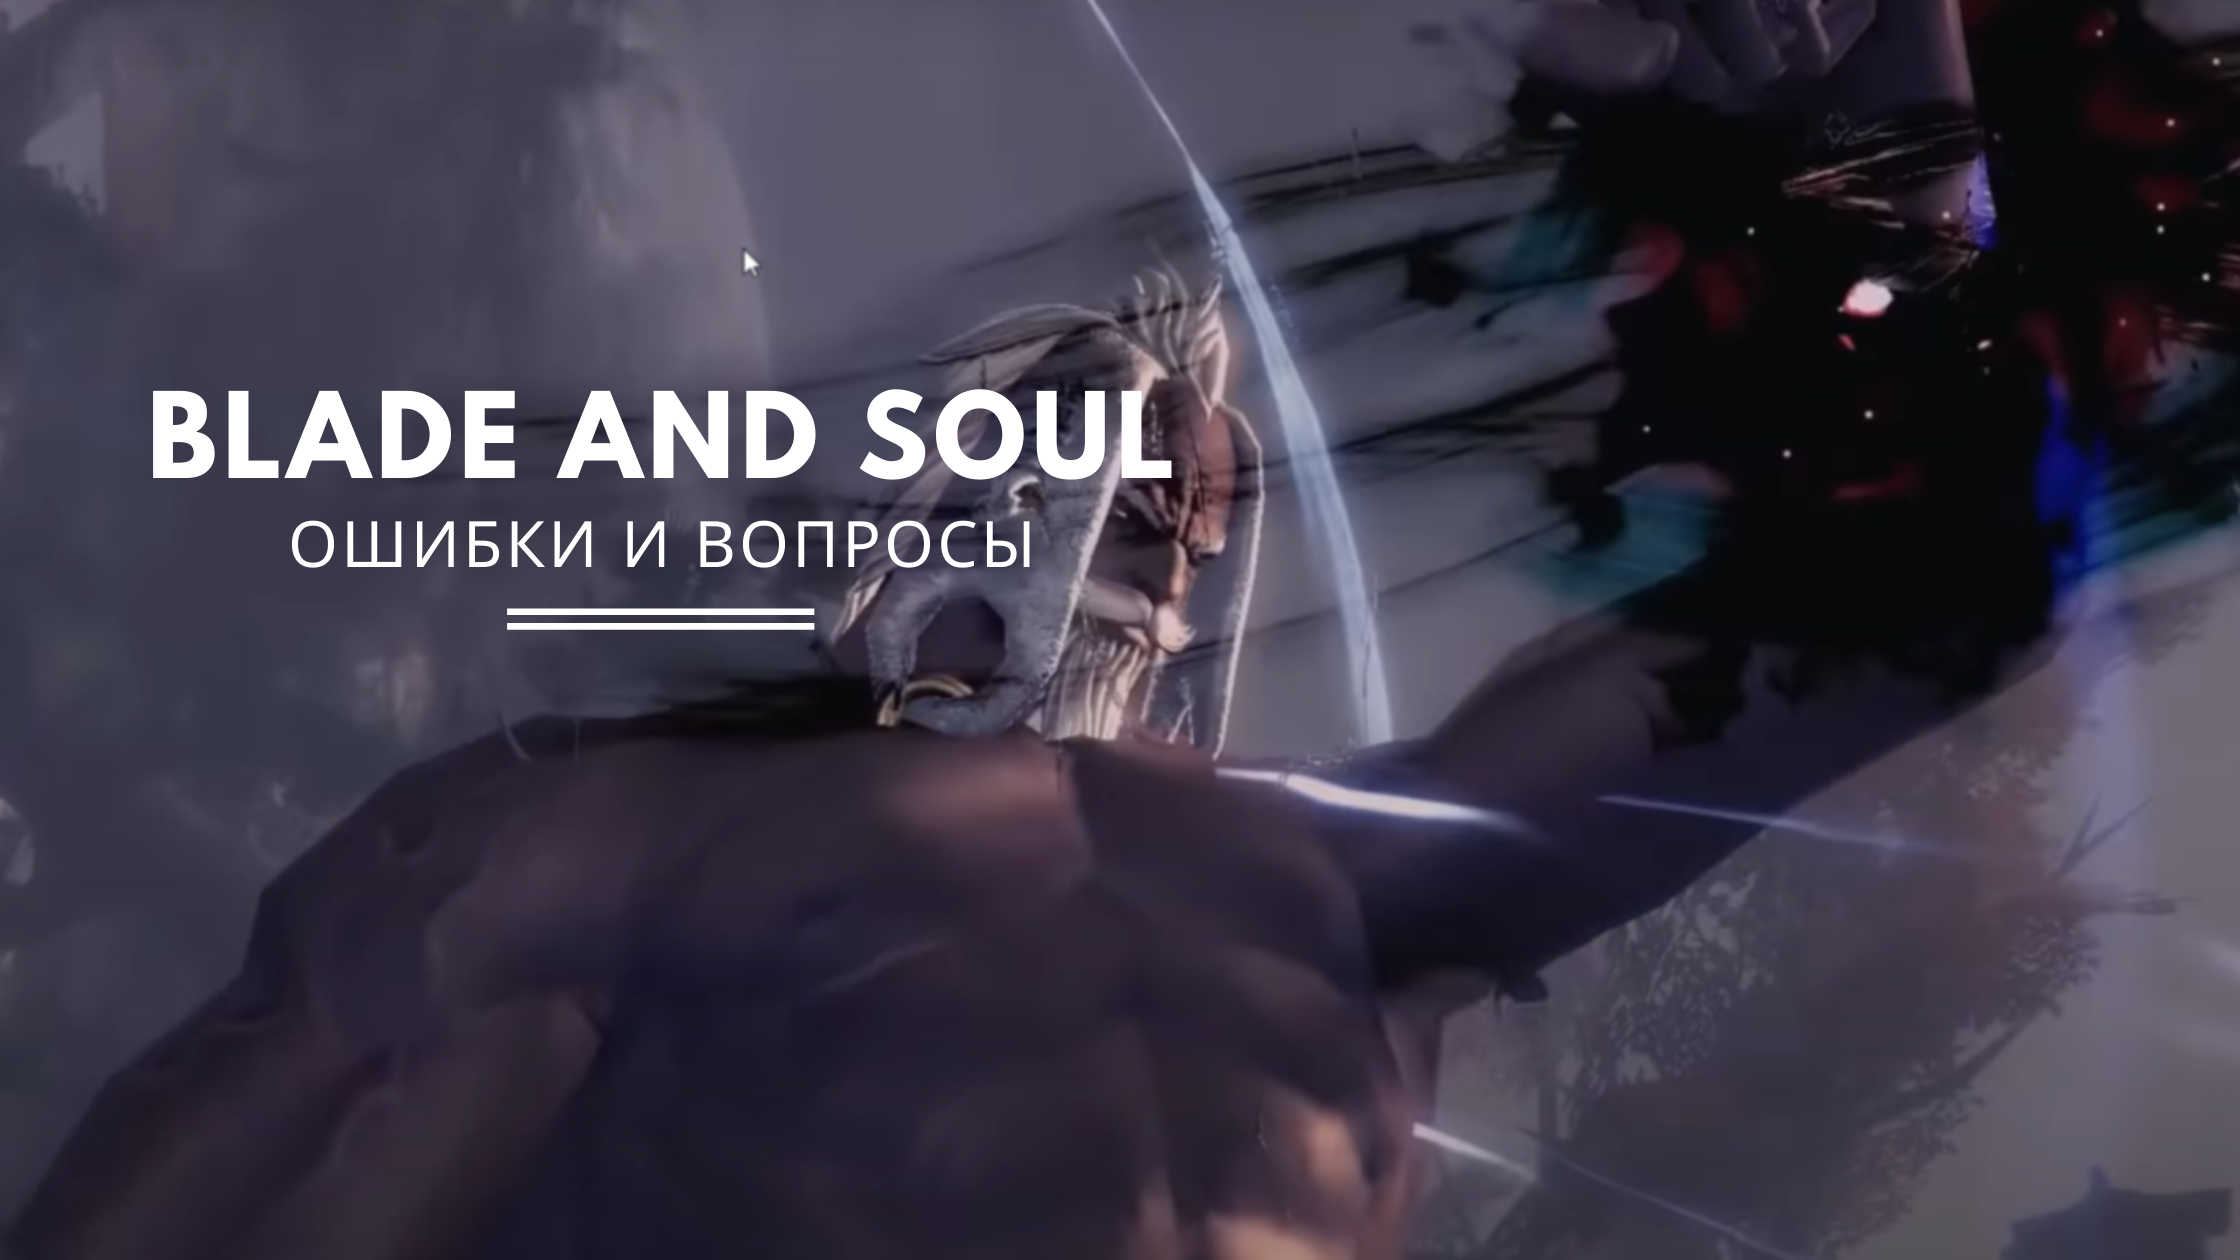 ошибки и вопросы по Blade and Soul